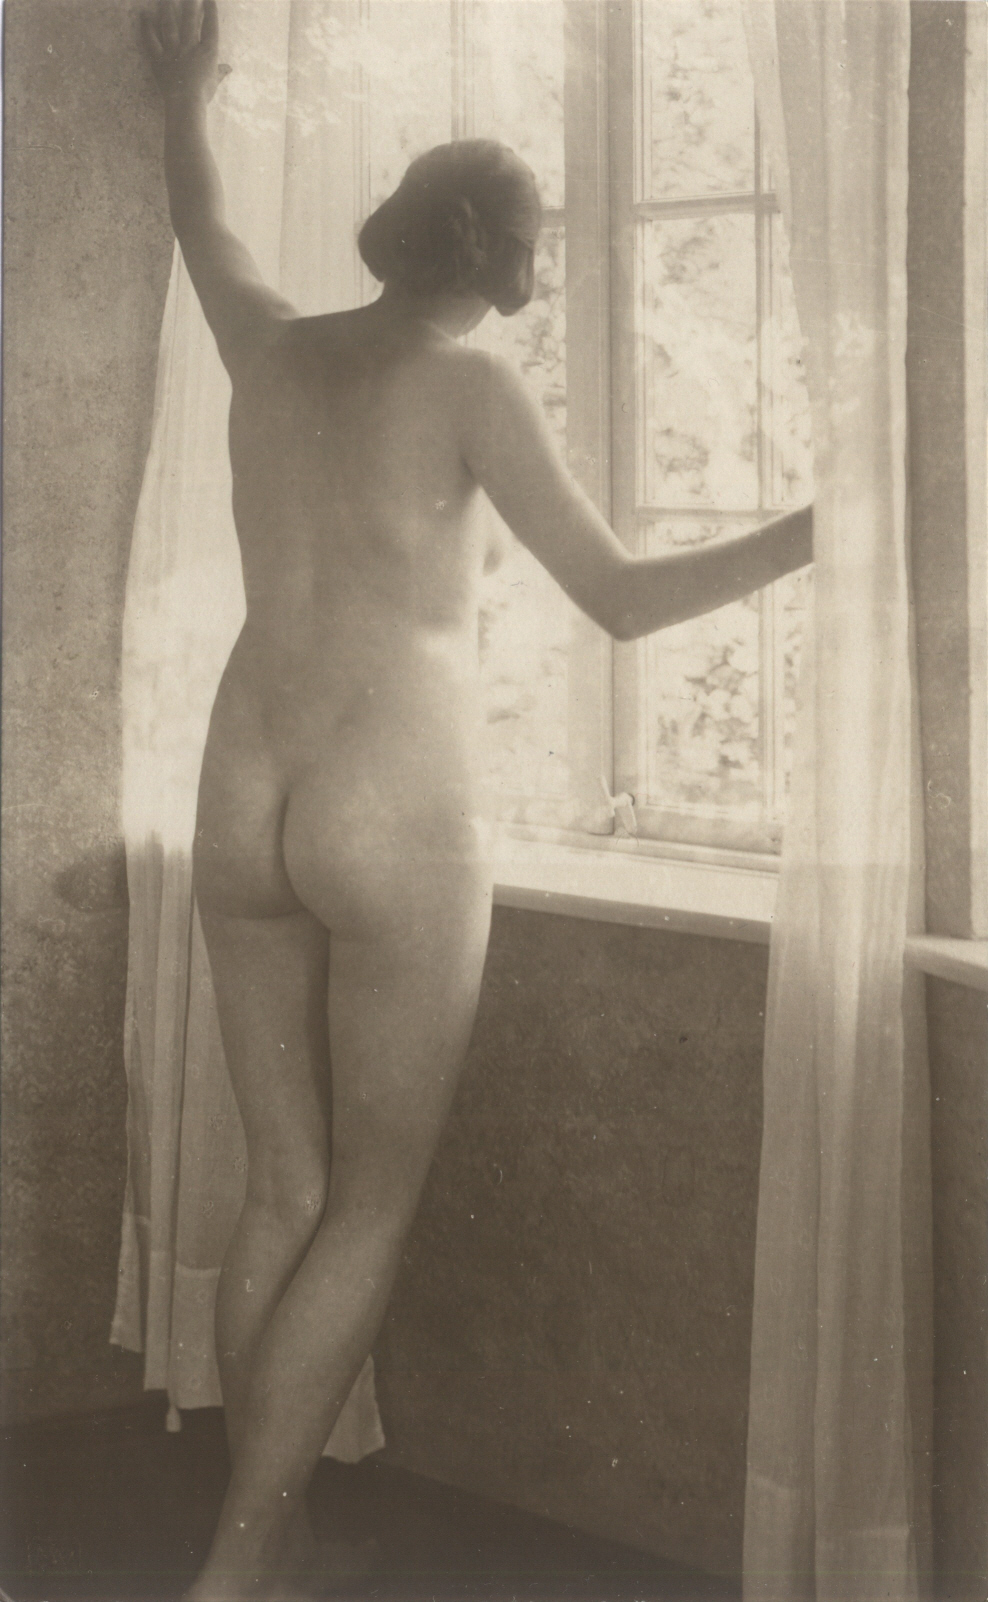 Nude servant gallery porn gallery